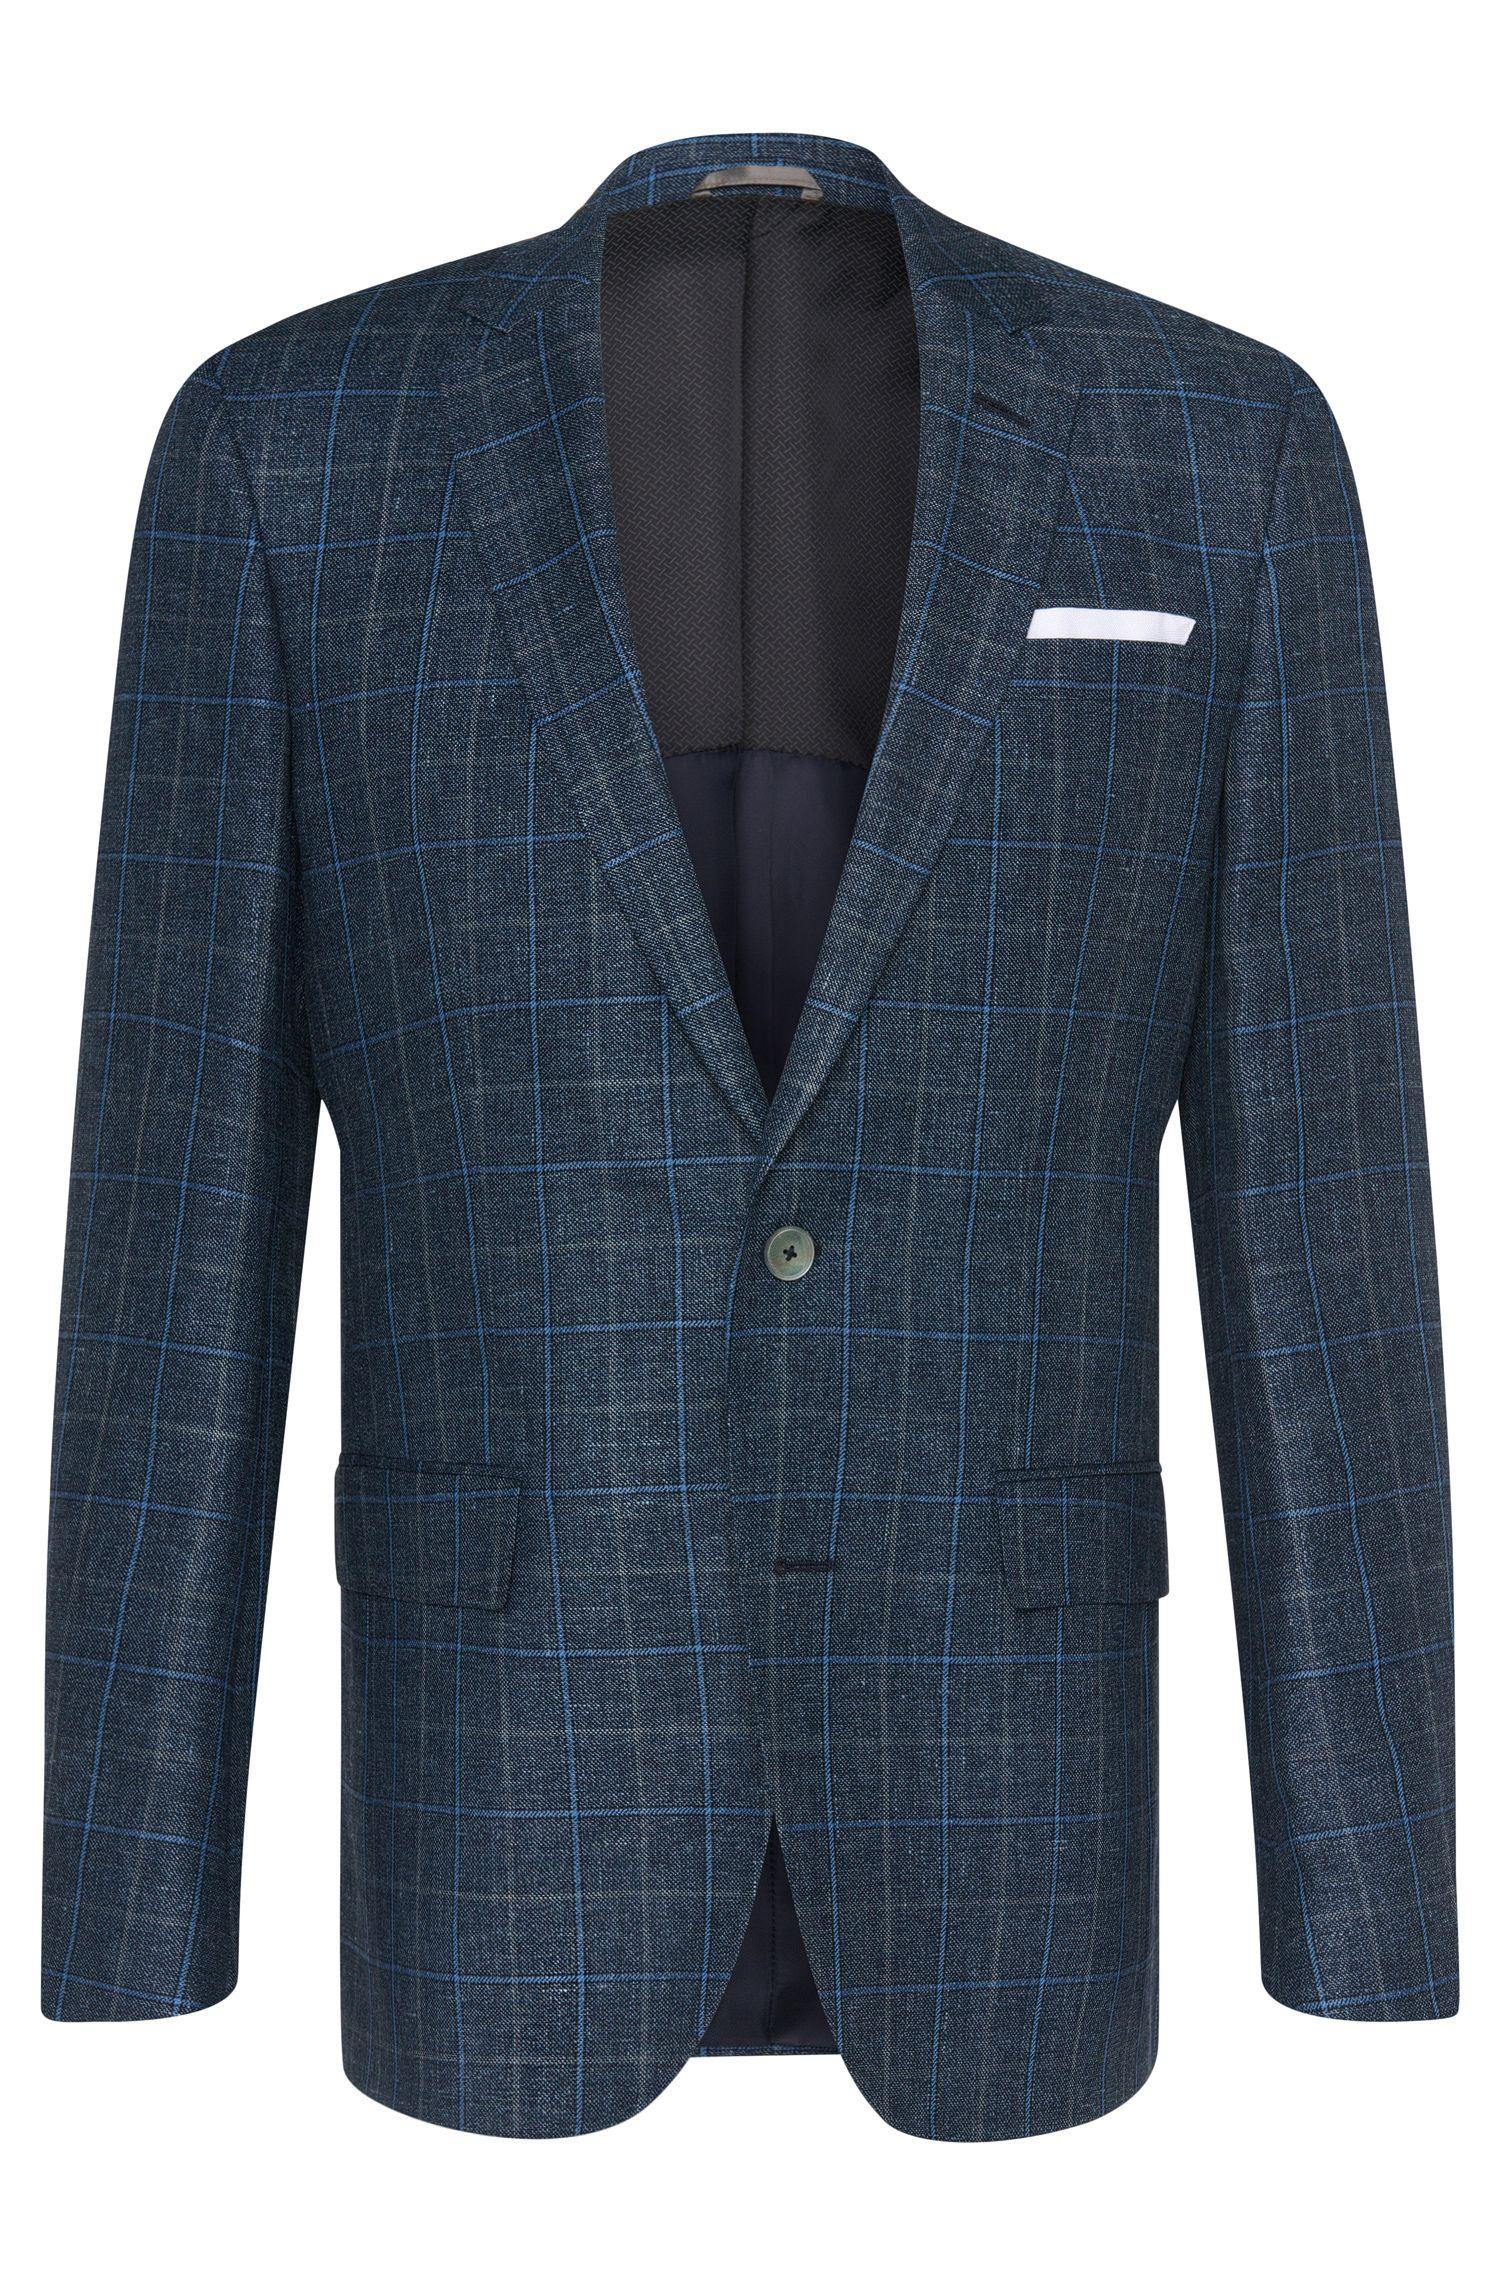 'Hutsons' | Slim Fit, Italian Linen Virgin Wool Sport Coat